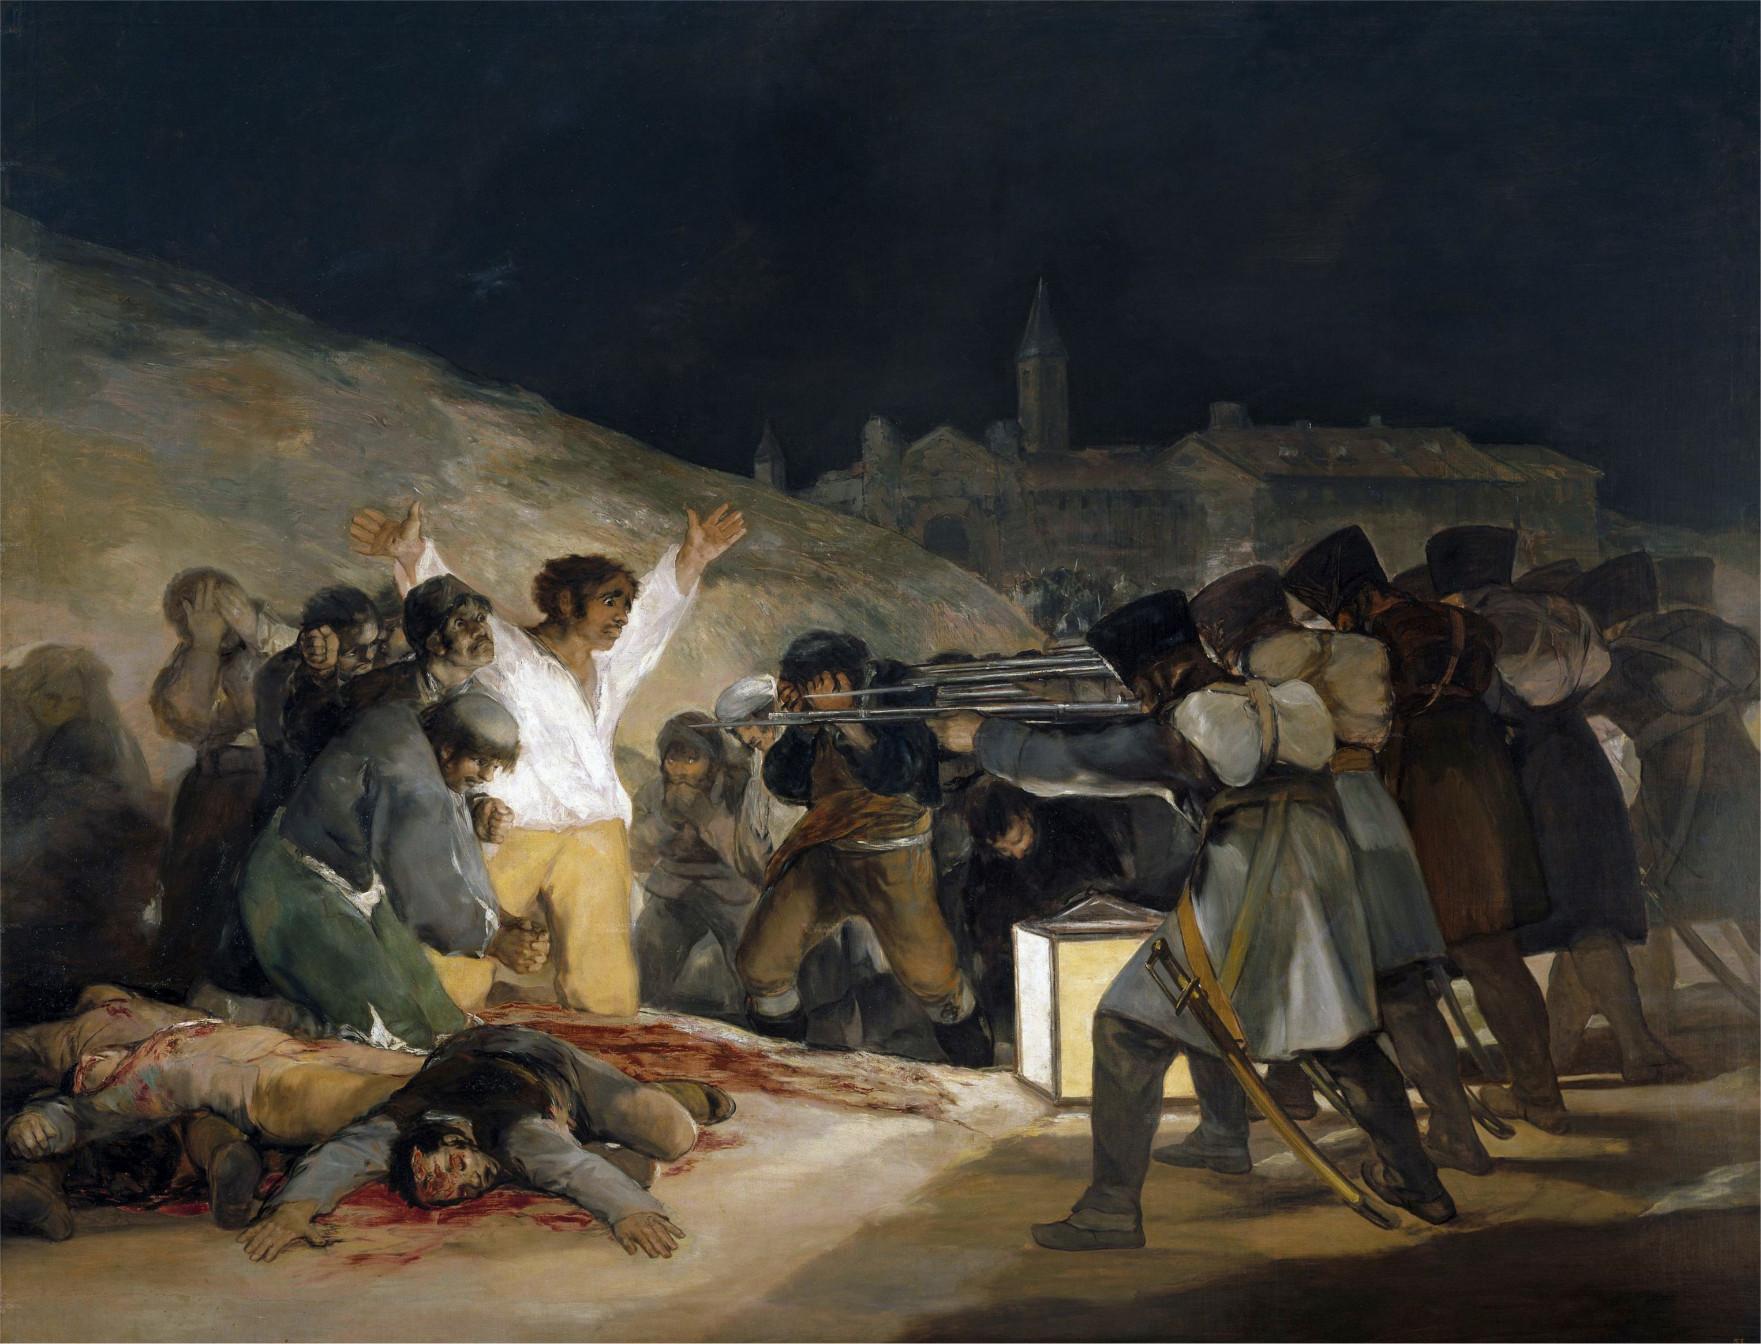 Картина художника Гойи «Расстрел повстанцев в ночь на 3 мая 1808 года»